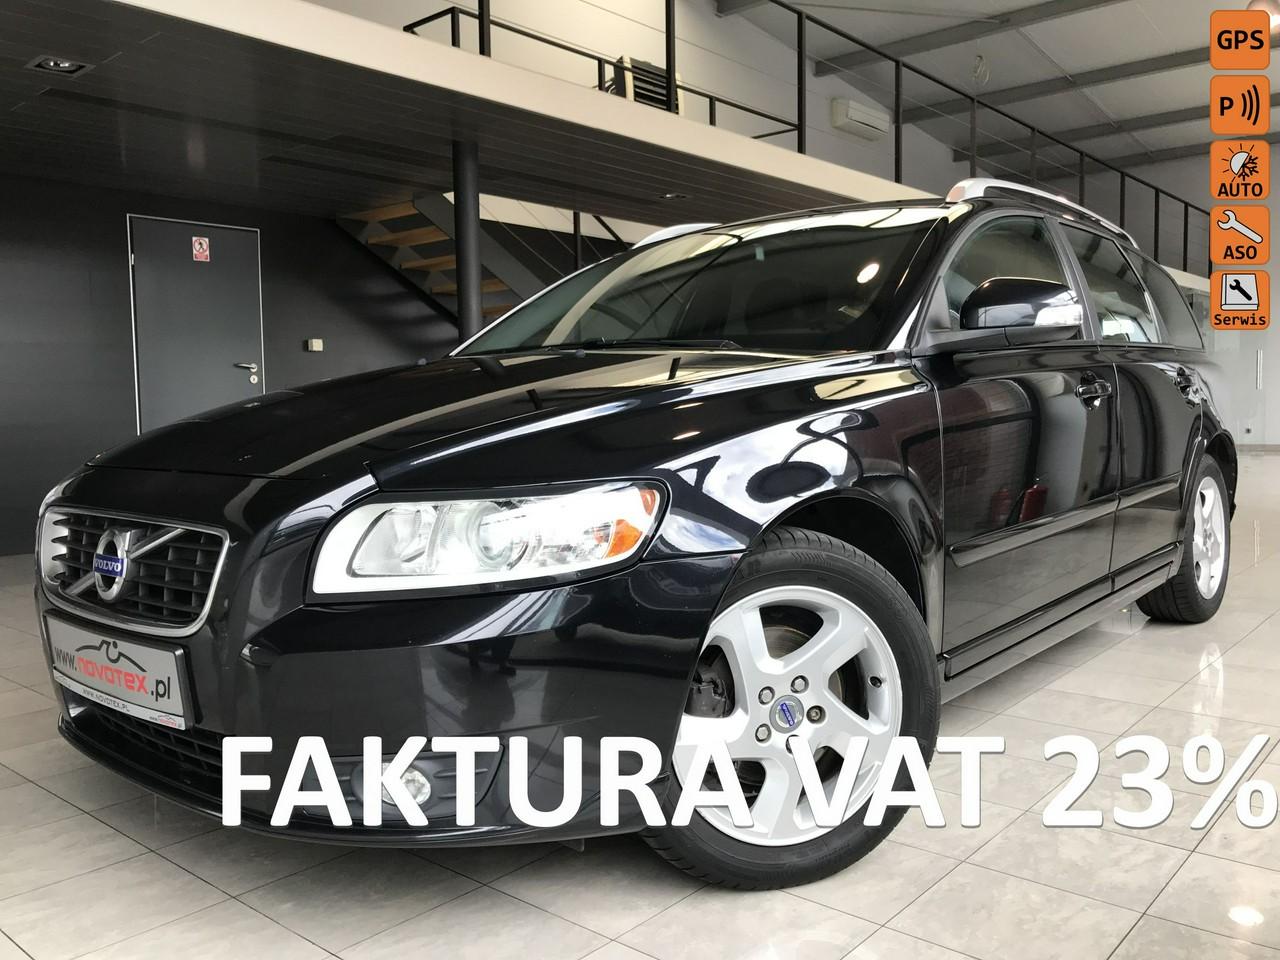 Volvo V50 D2*Momentum*navi*skóra*115KM*LED*175Tkm*serwis ASO Volvo*gwarancja